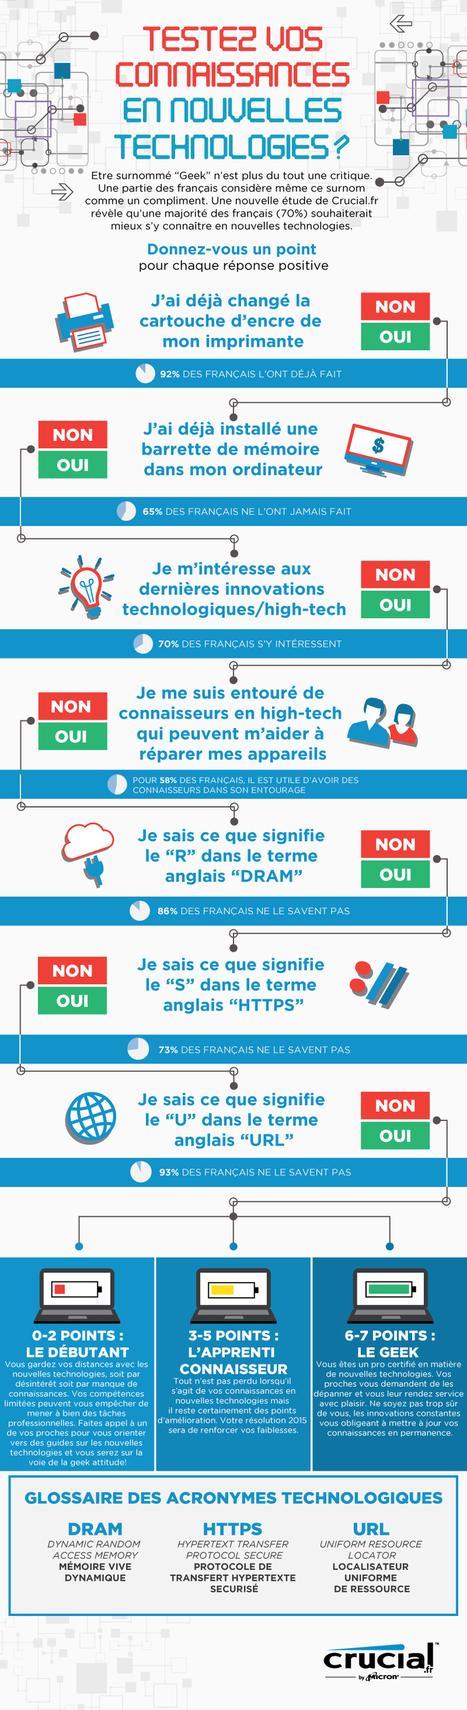 La folie des infographies dans les Relations Publics - Le blog des relations presse | Communication, relations publics | Scoop.it